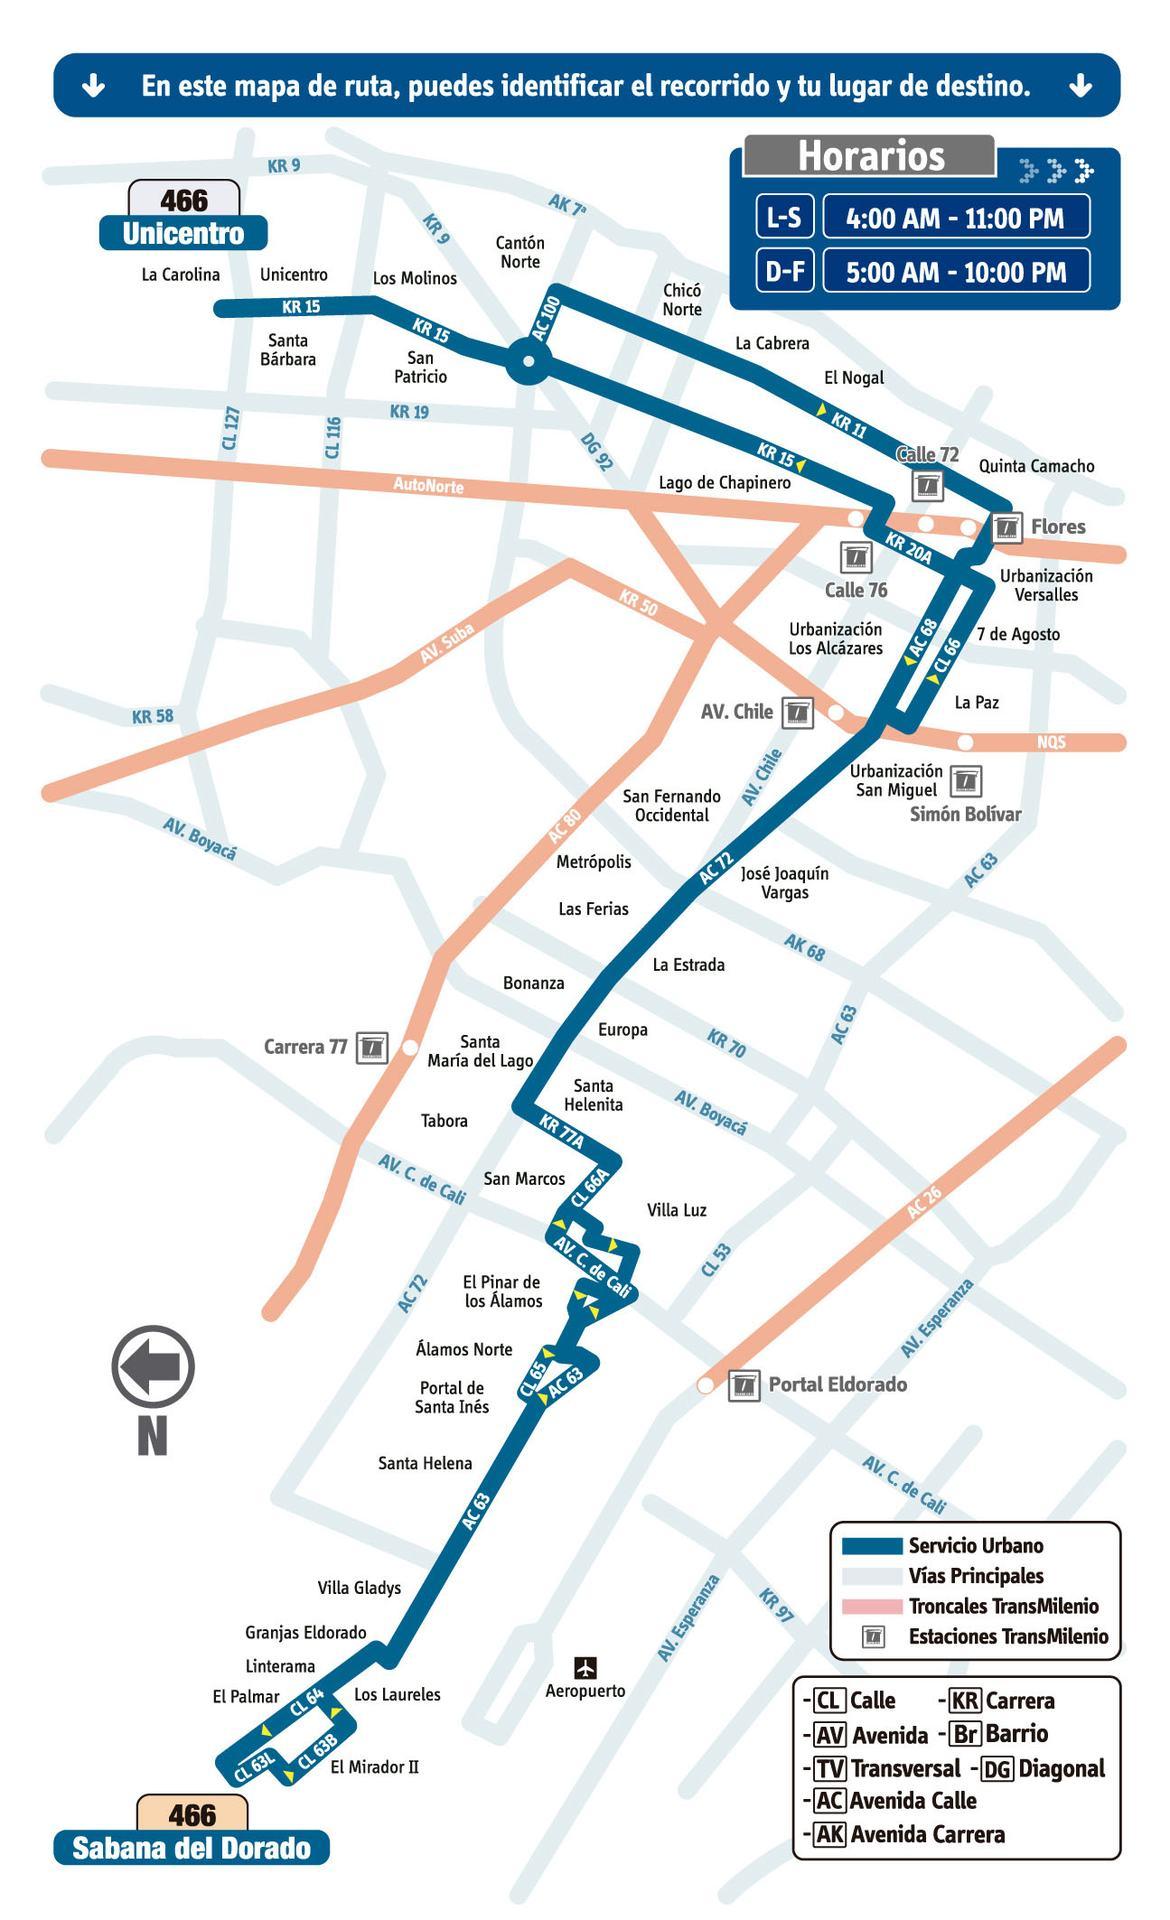 Ruta SITP: 466 Sabana del Dorado ↔ Unicentro [Urbana] 4